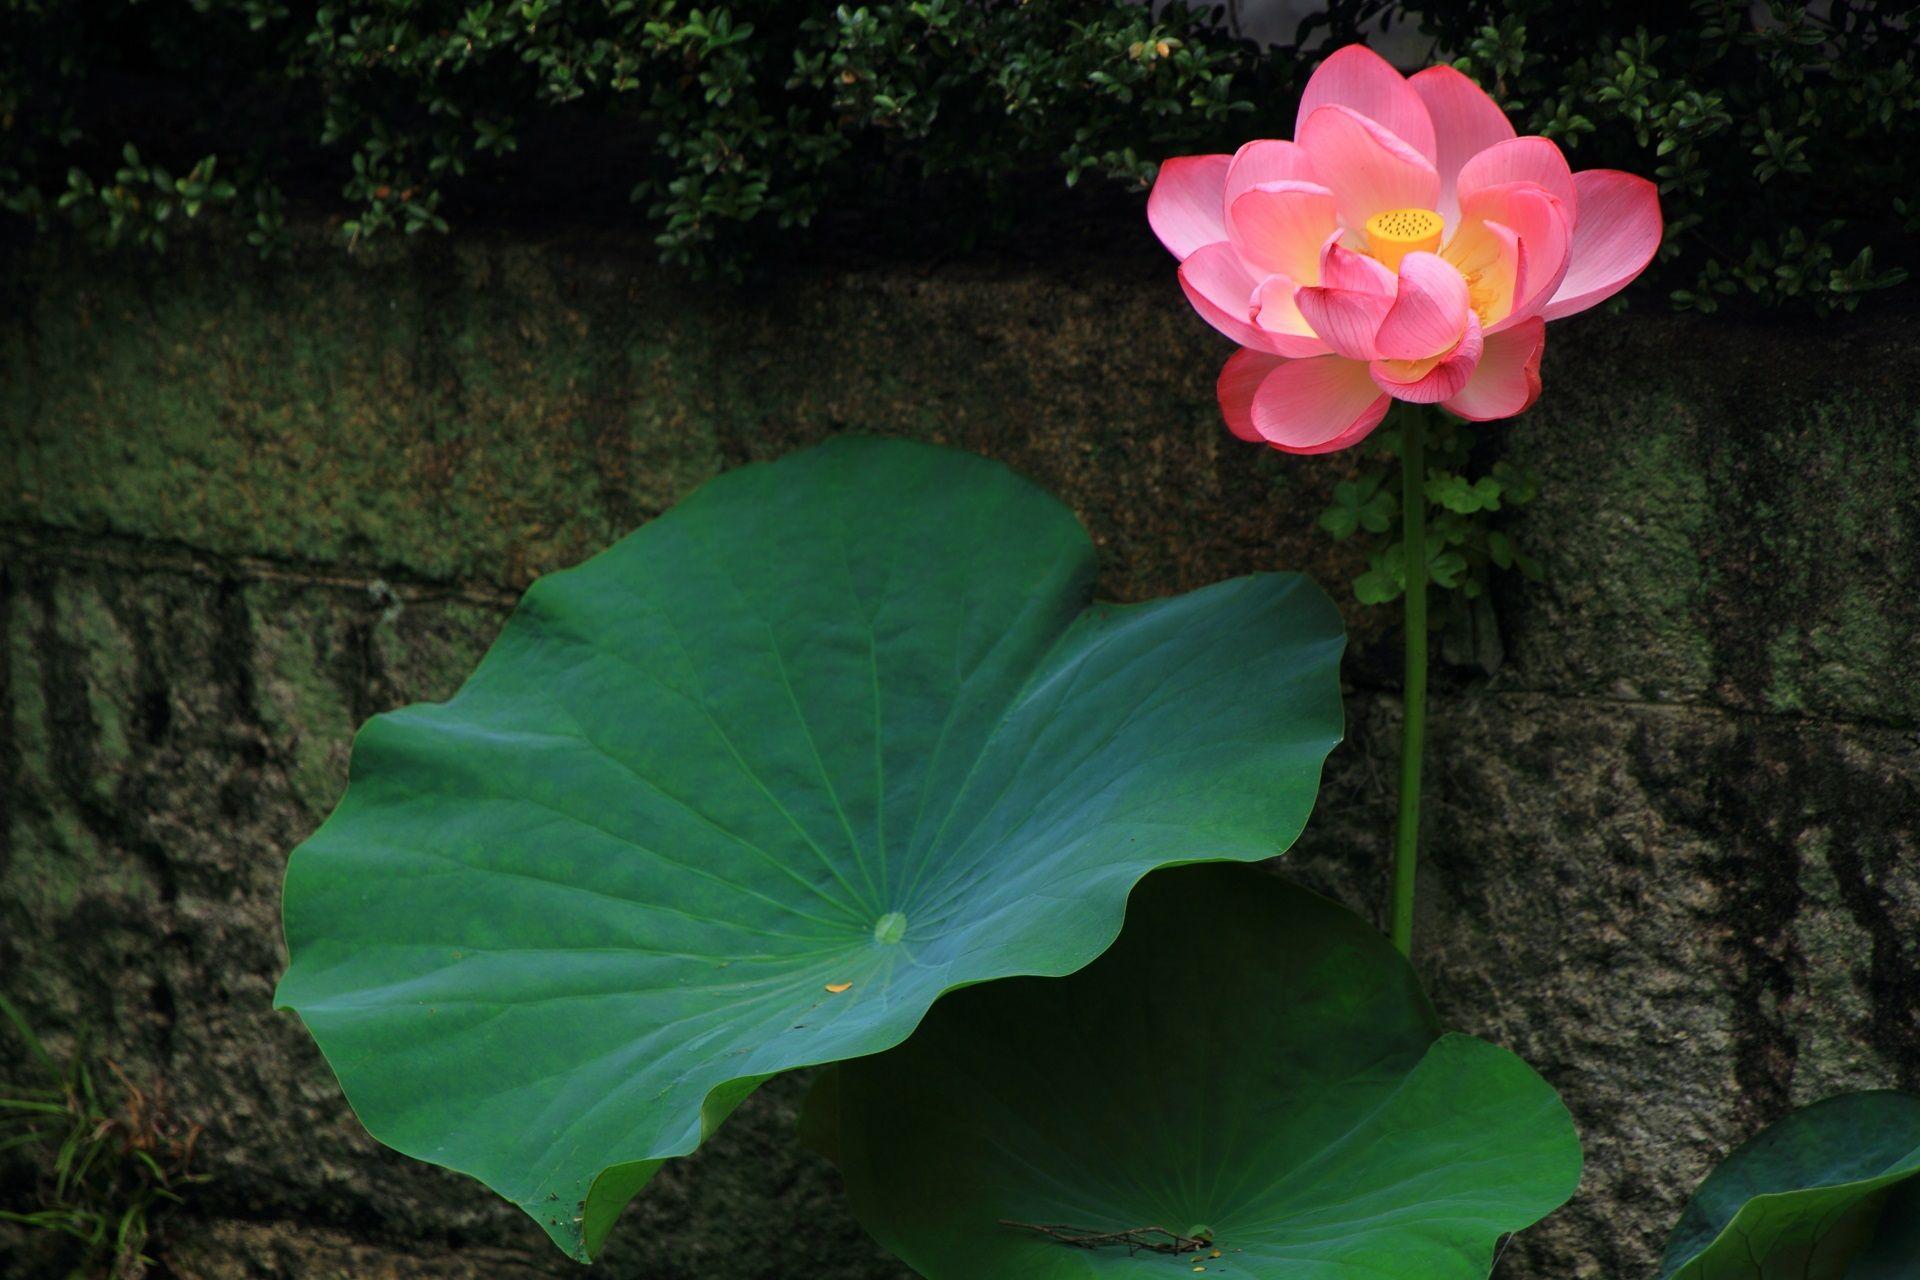 石垣沿いの立派なハスの葉と花 ハスの花 蓮の花 夏